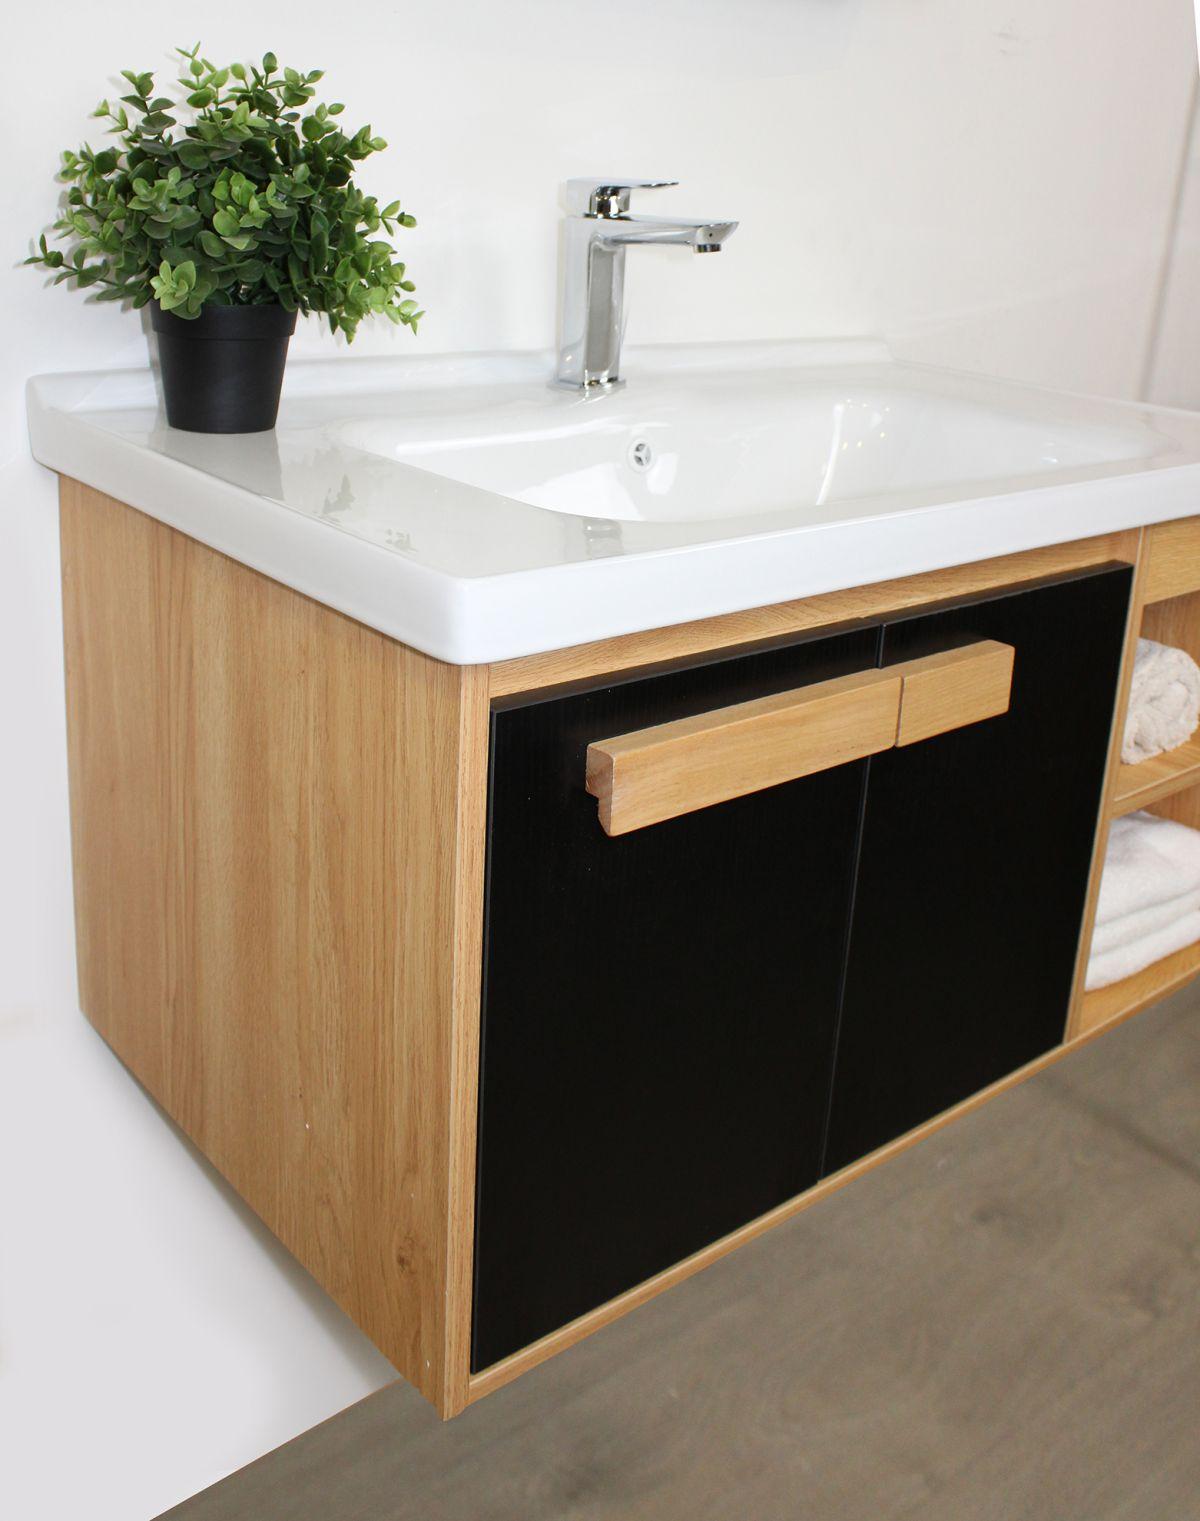 Mobile bagno Olso particolare Mobile bagno Oslo sospeso da 80 cm rovere effetto legno e nero effetto legno con lavabo specchio e modulo a giorno